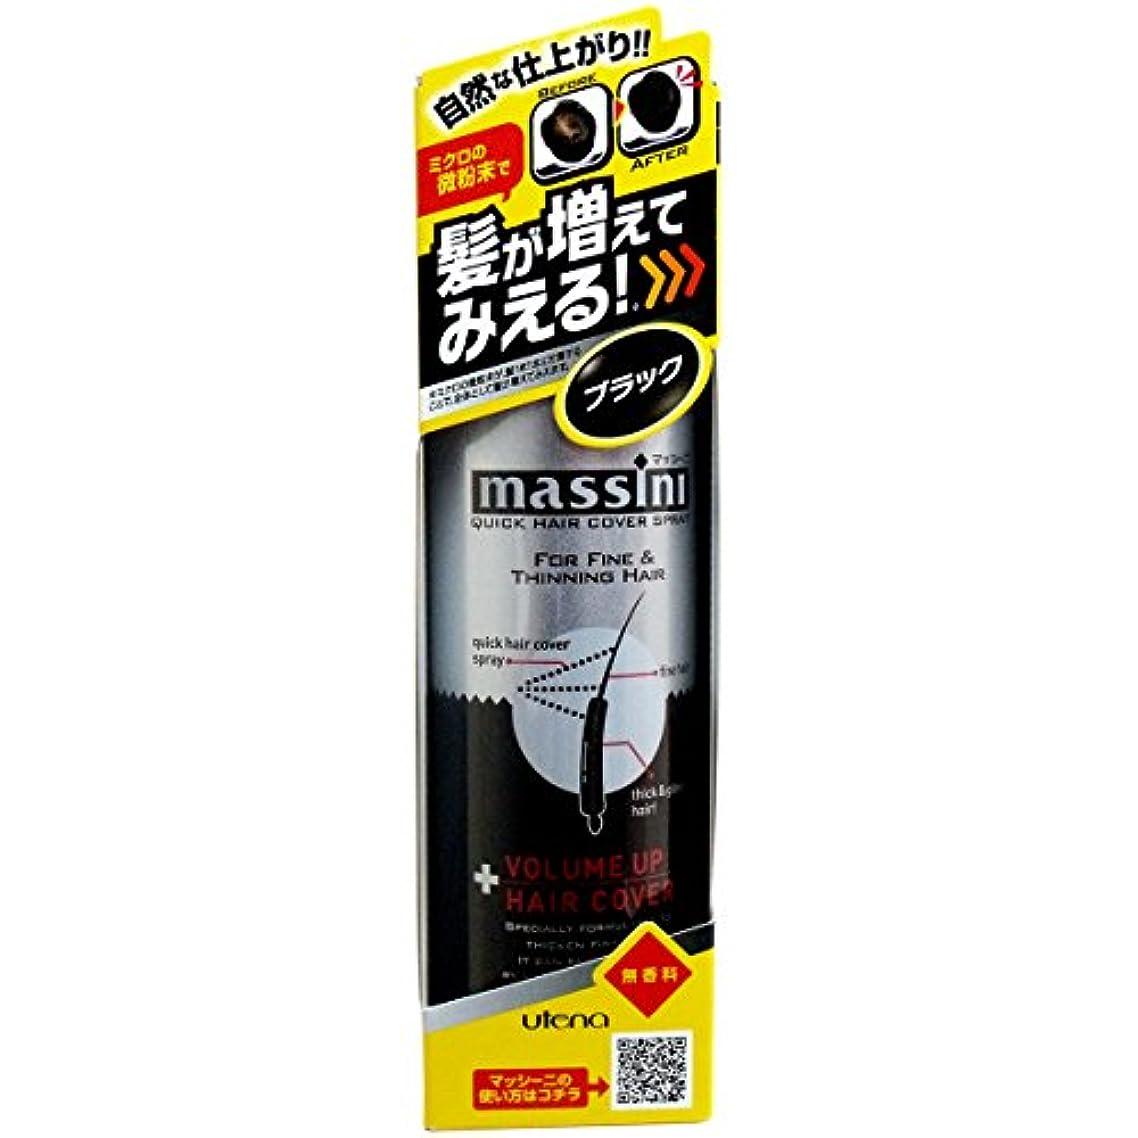 つぶやき傑作パス【ウテナ】マッシーニ クィックヘアカバースプレー(ブラック) 140g ×3個セット